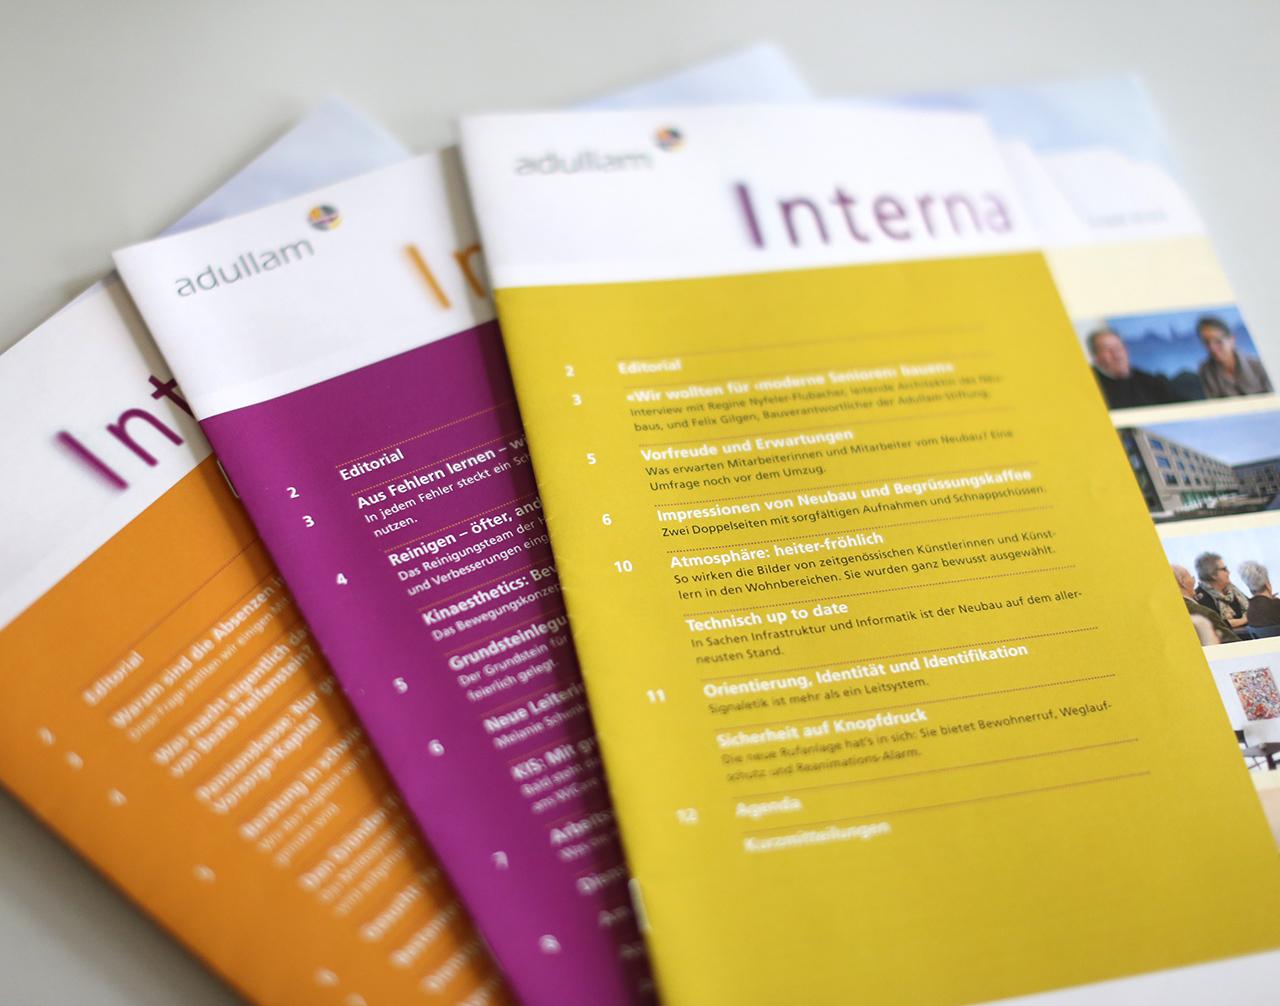 Interna (internes Periodika für Adullam) - scanu communications